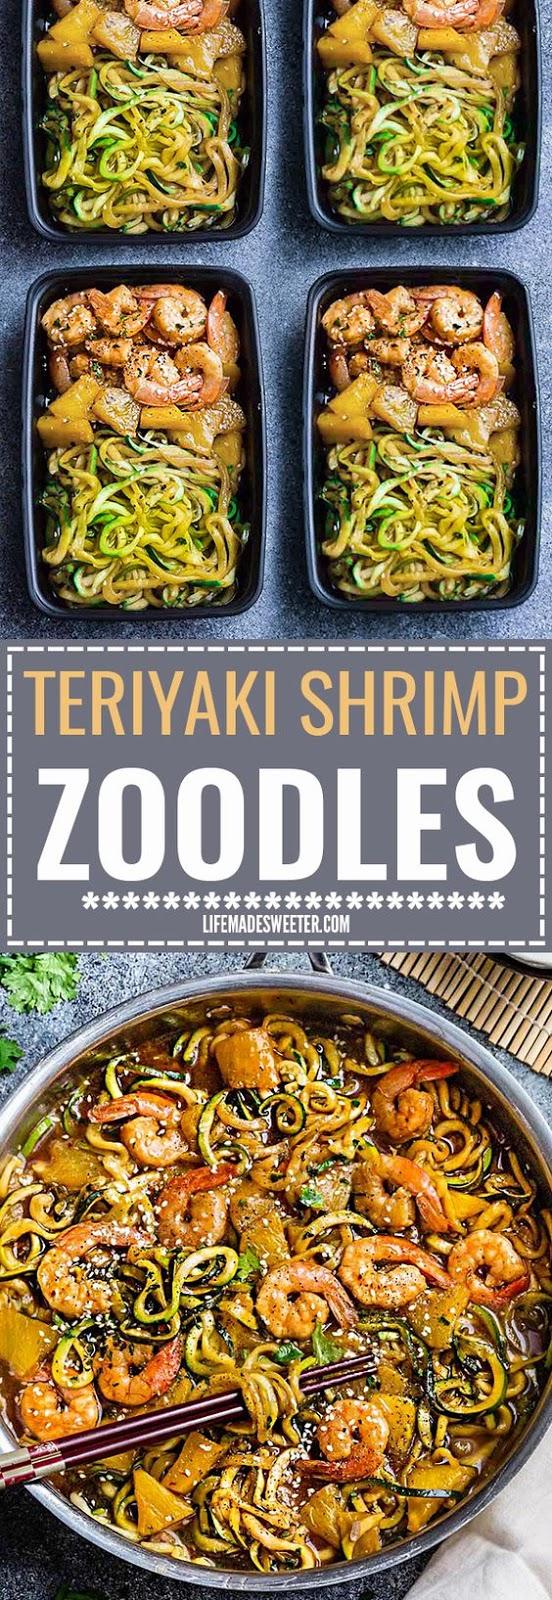 Teriyaki Shrimp Zoodles + Meal Prep